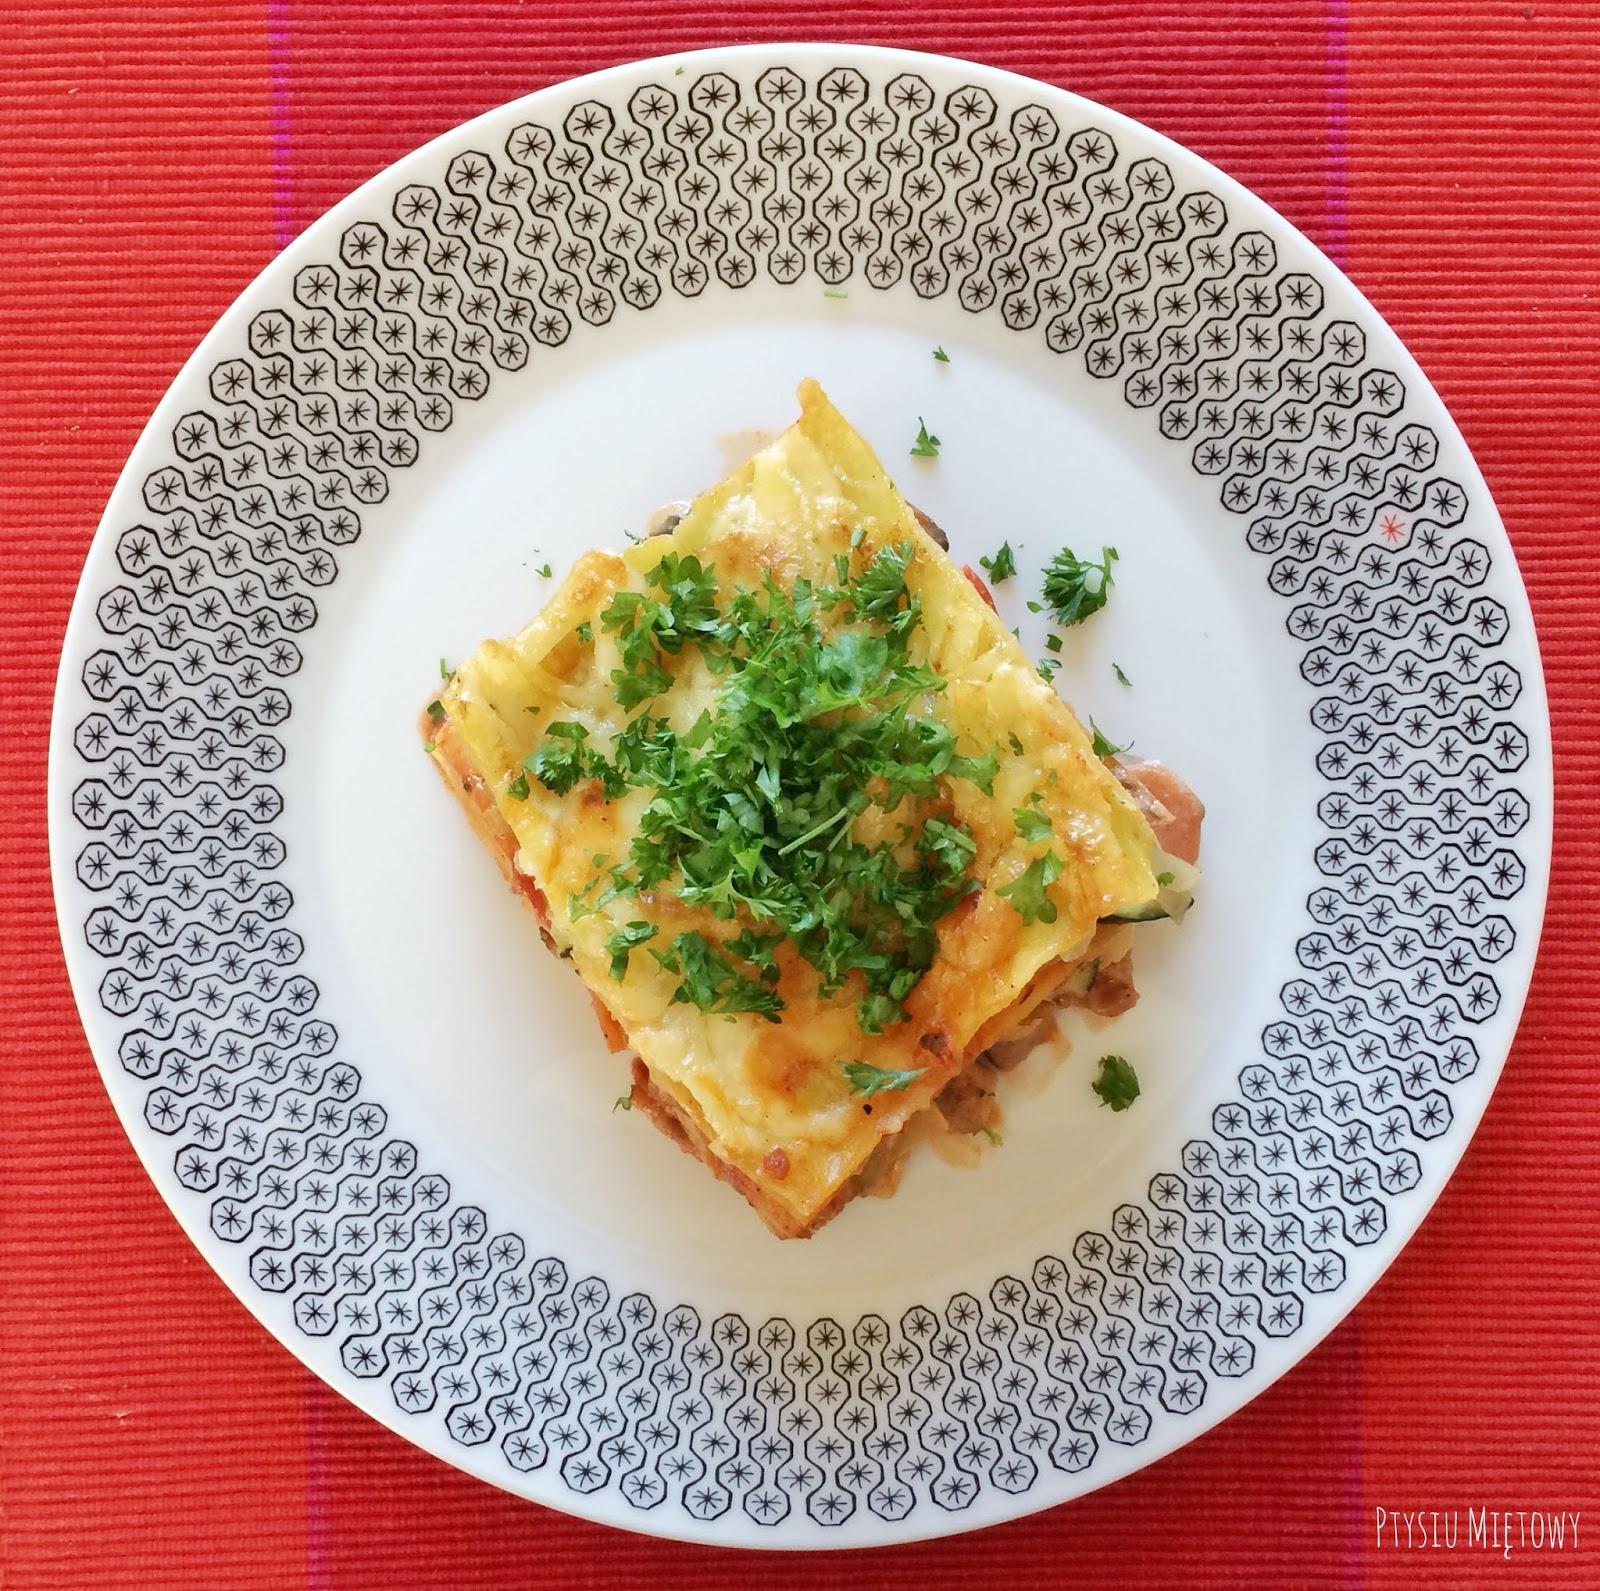 lasagne warzywno-miesna, ptysiu mietowy